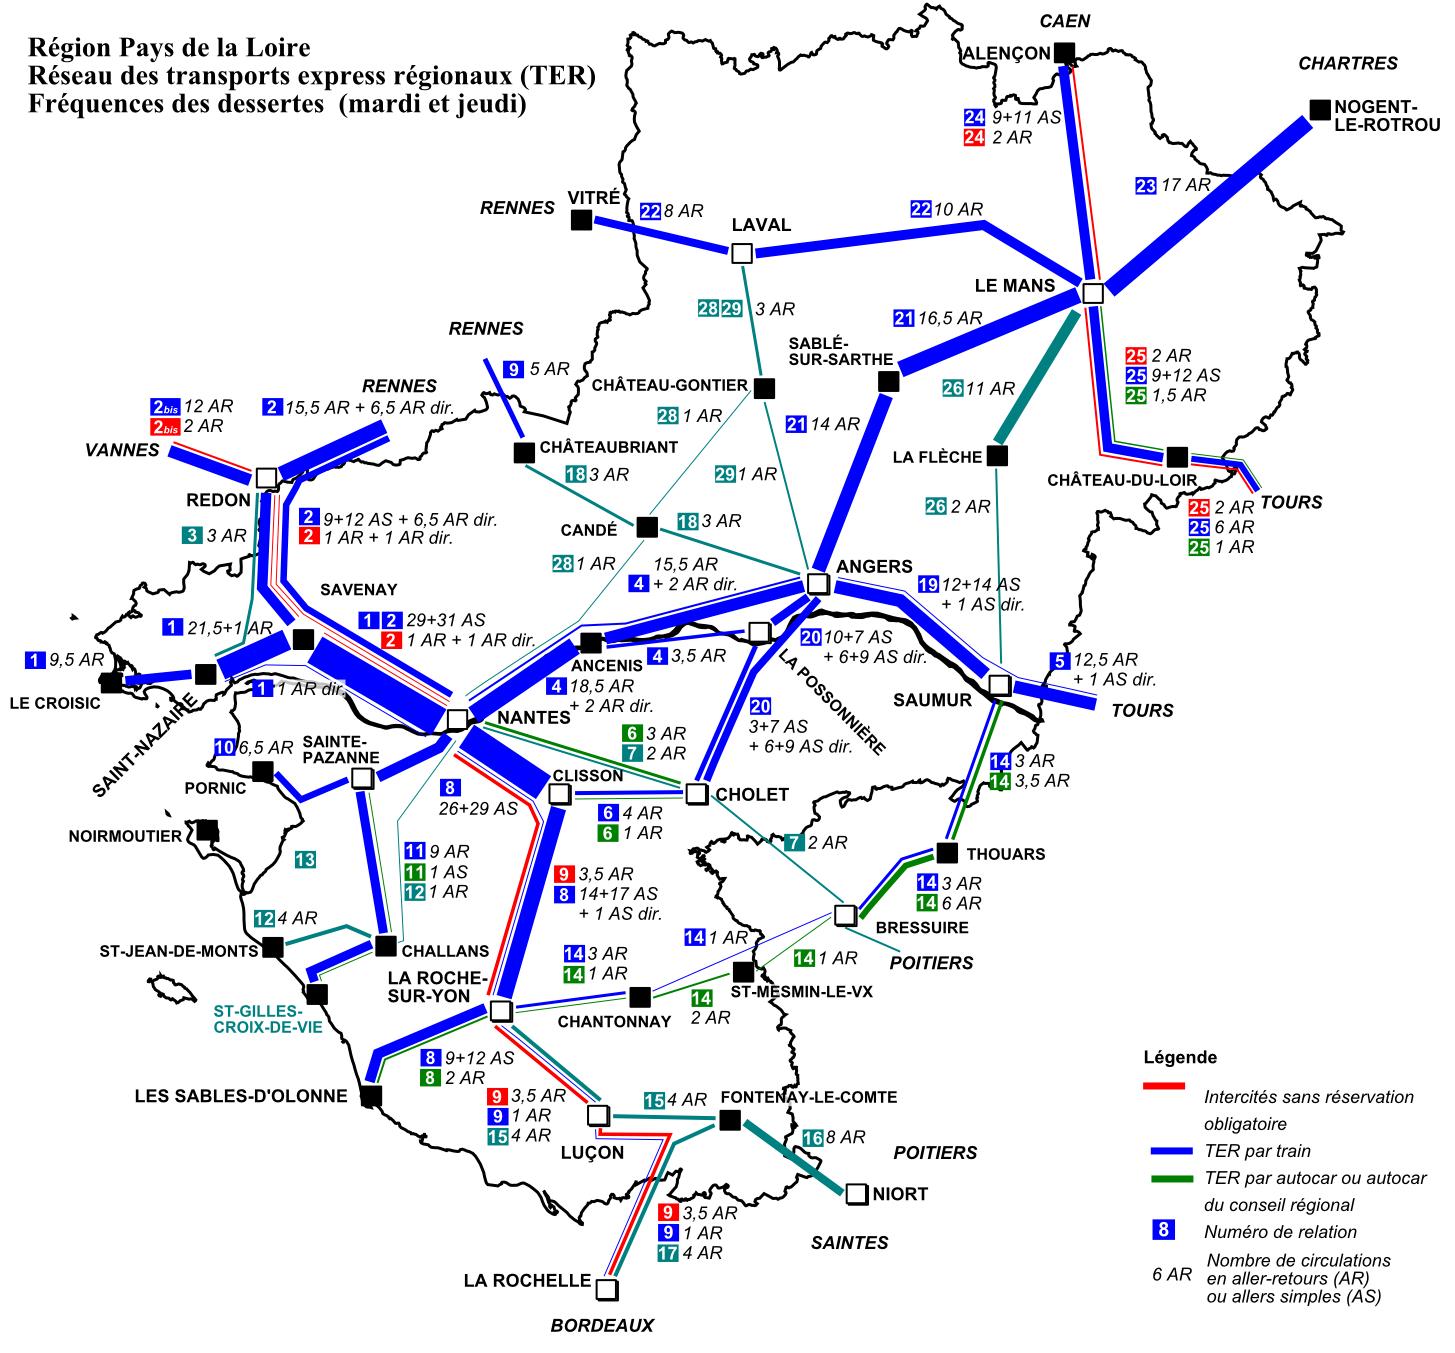 carte ter pays de la loire File:TER Pays de la Loire, fréquence de la desserte.png